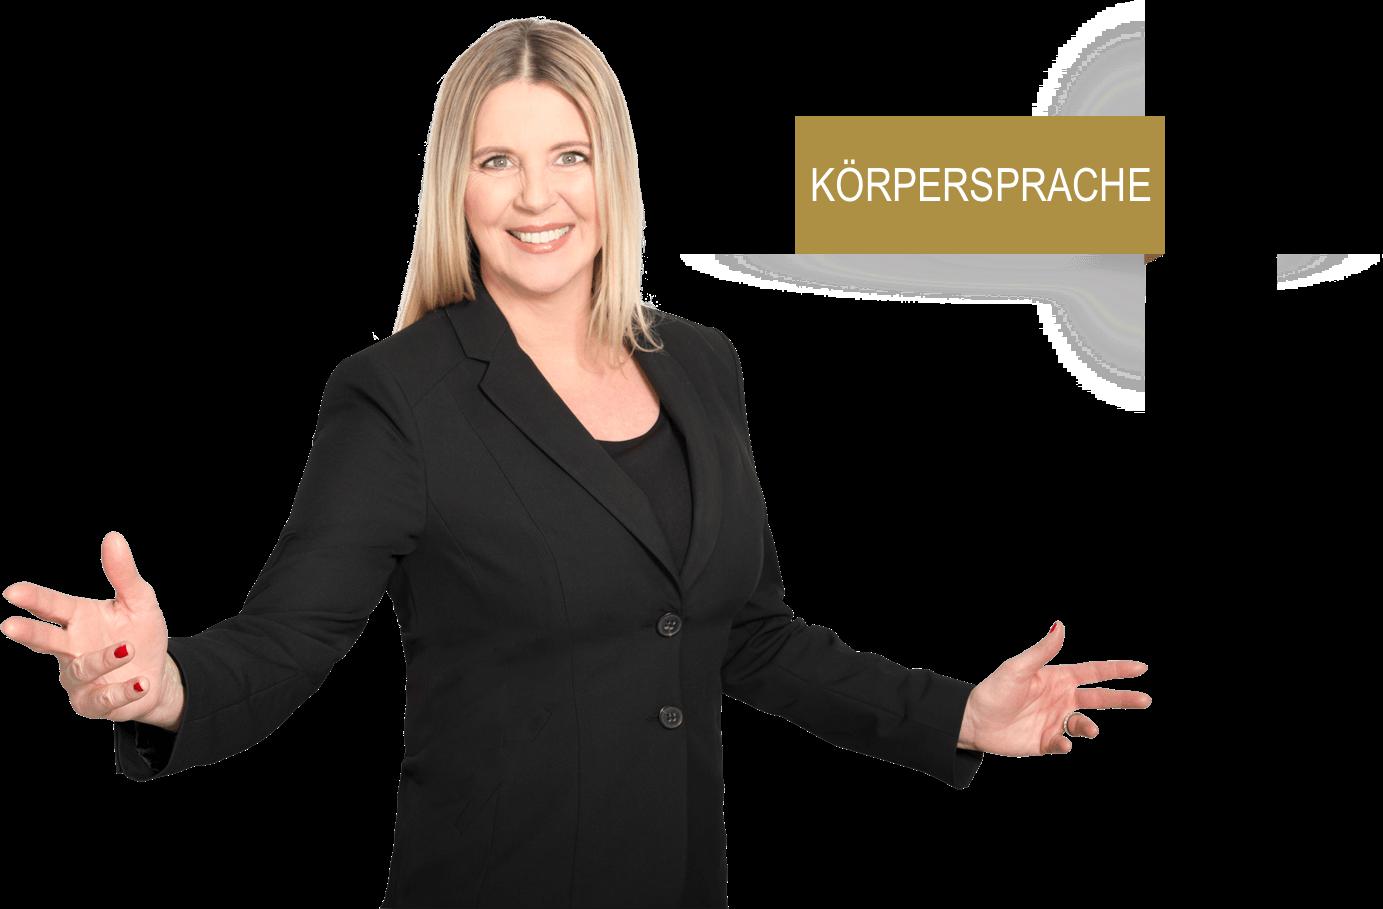 Körpersprache Schweiz D-A-CH